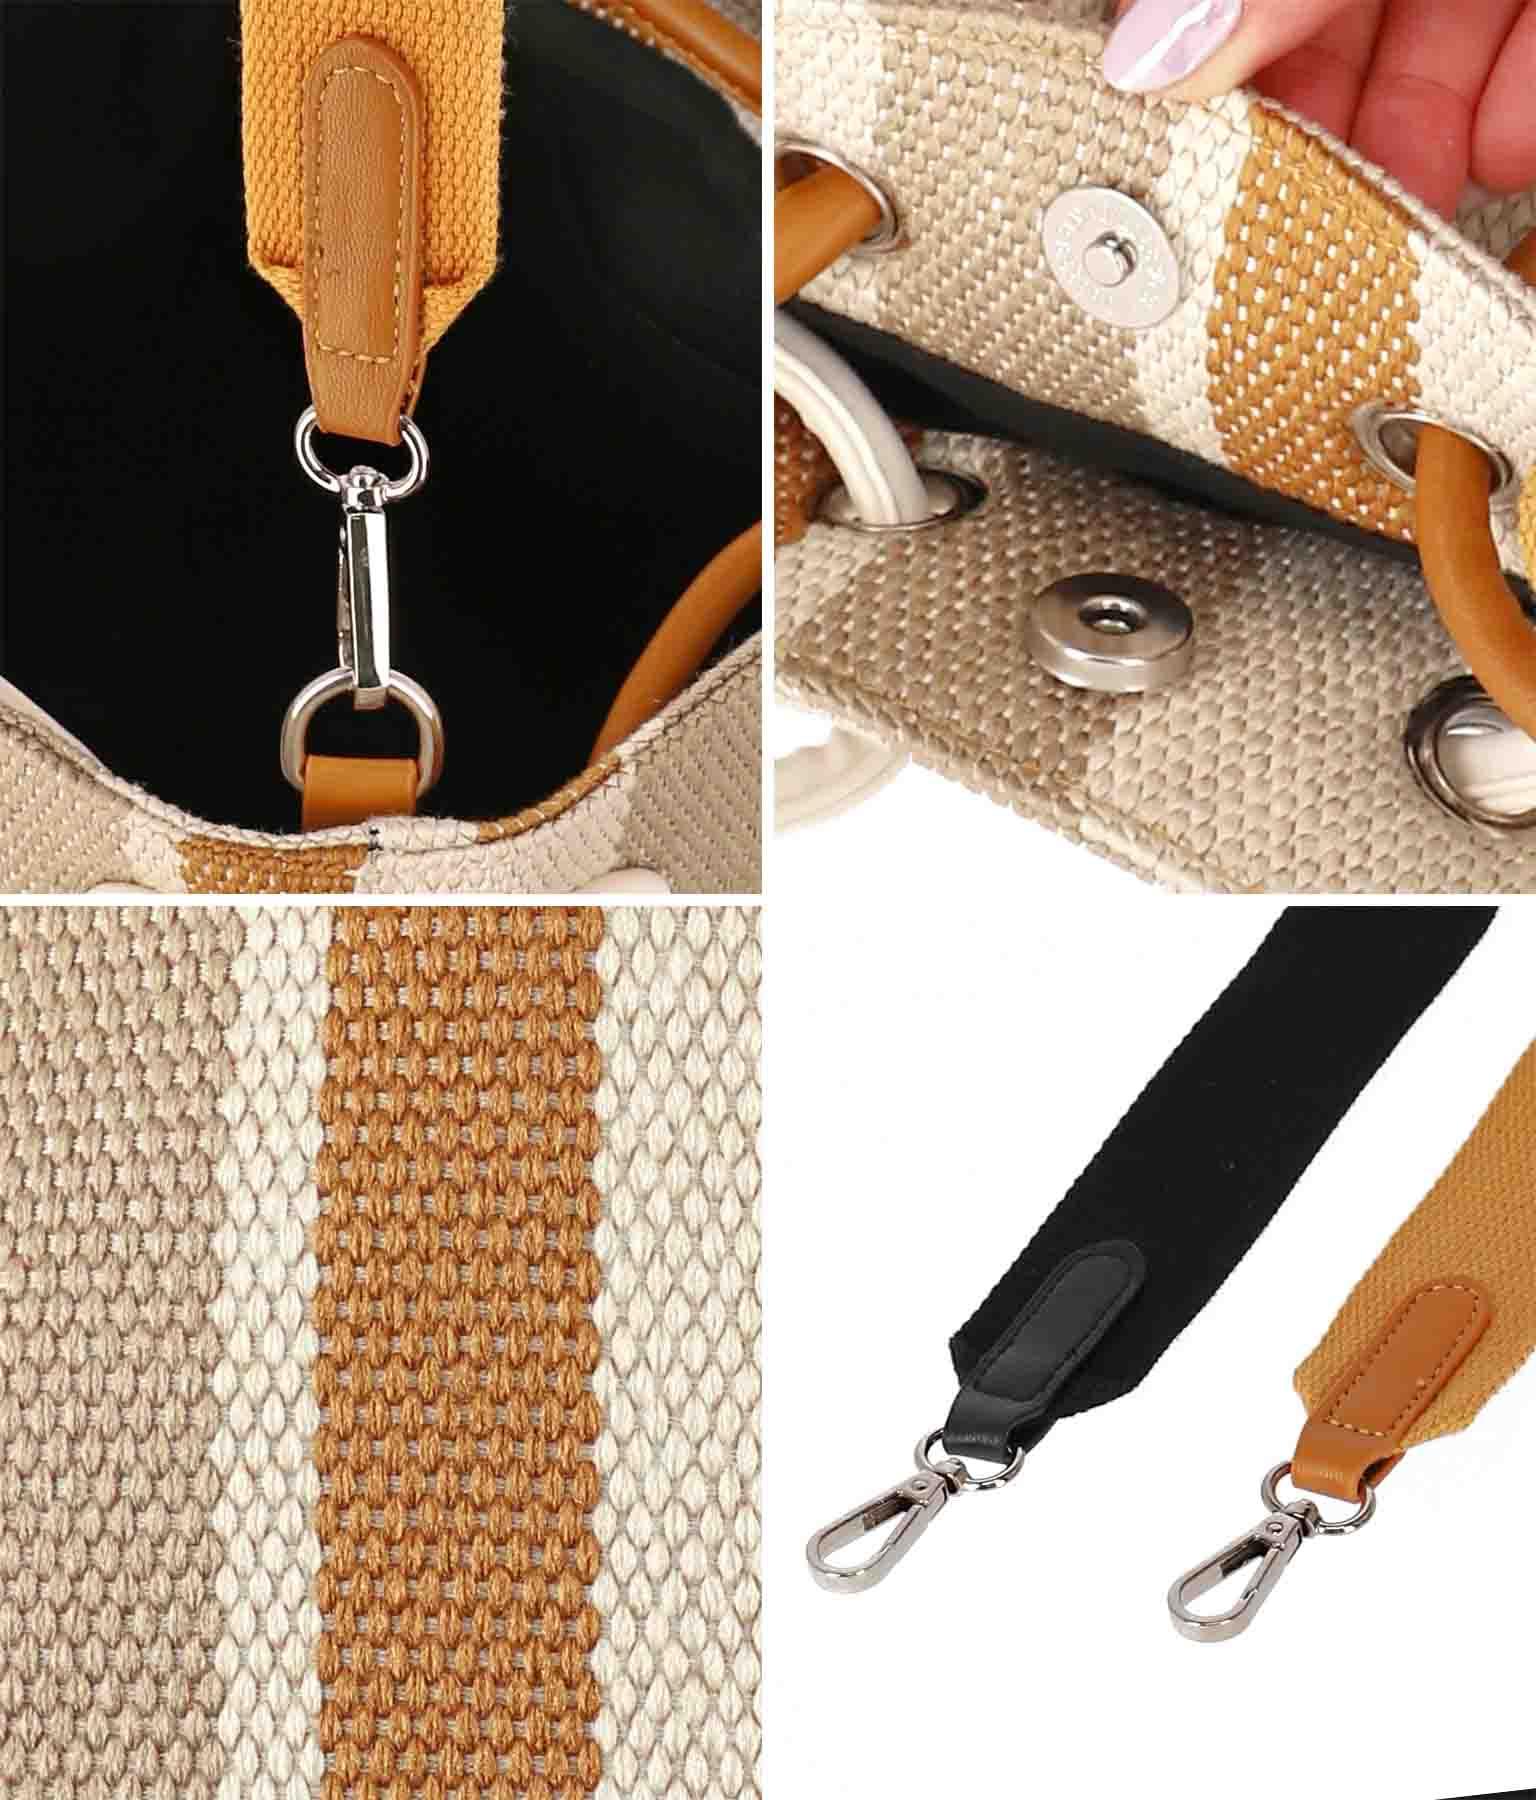 ストライプデザインショルダーバッグ(バッグ・鞄・小物/ショルダーバッグ・トートバッグ) | Alluge